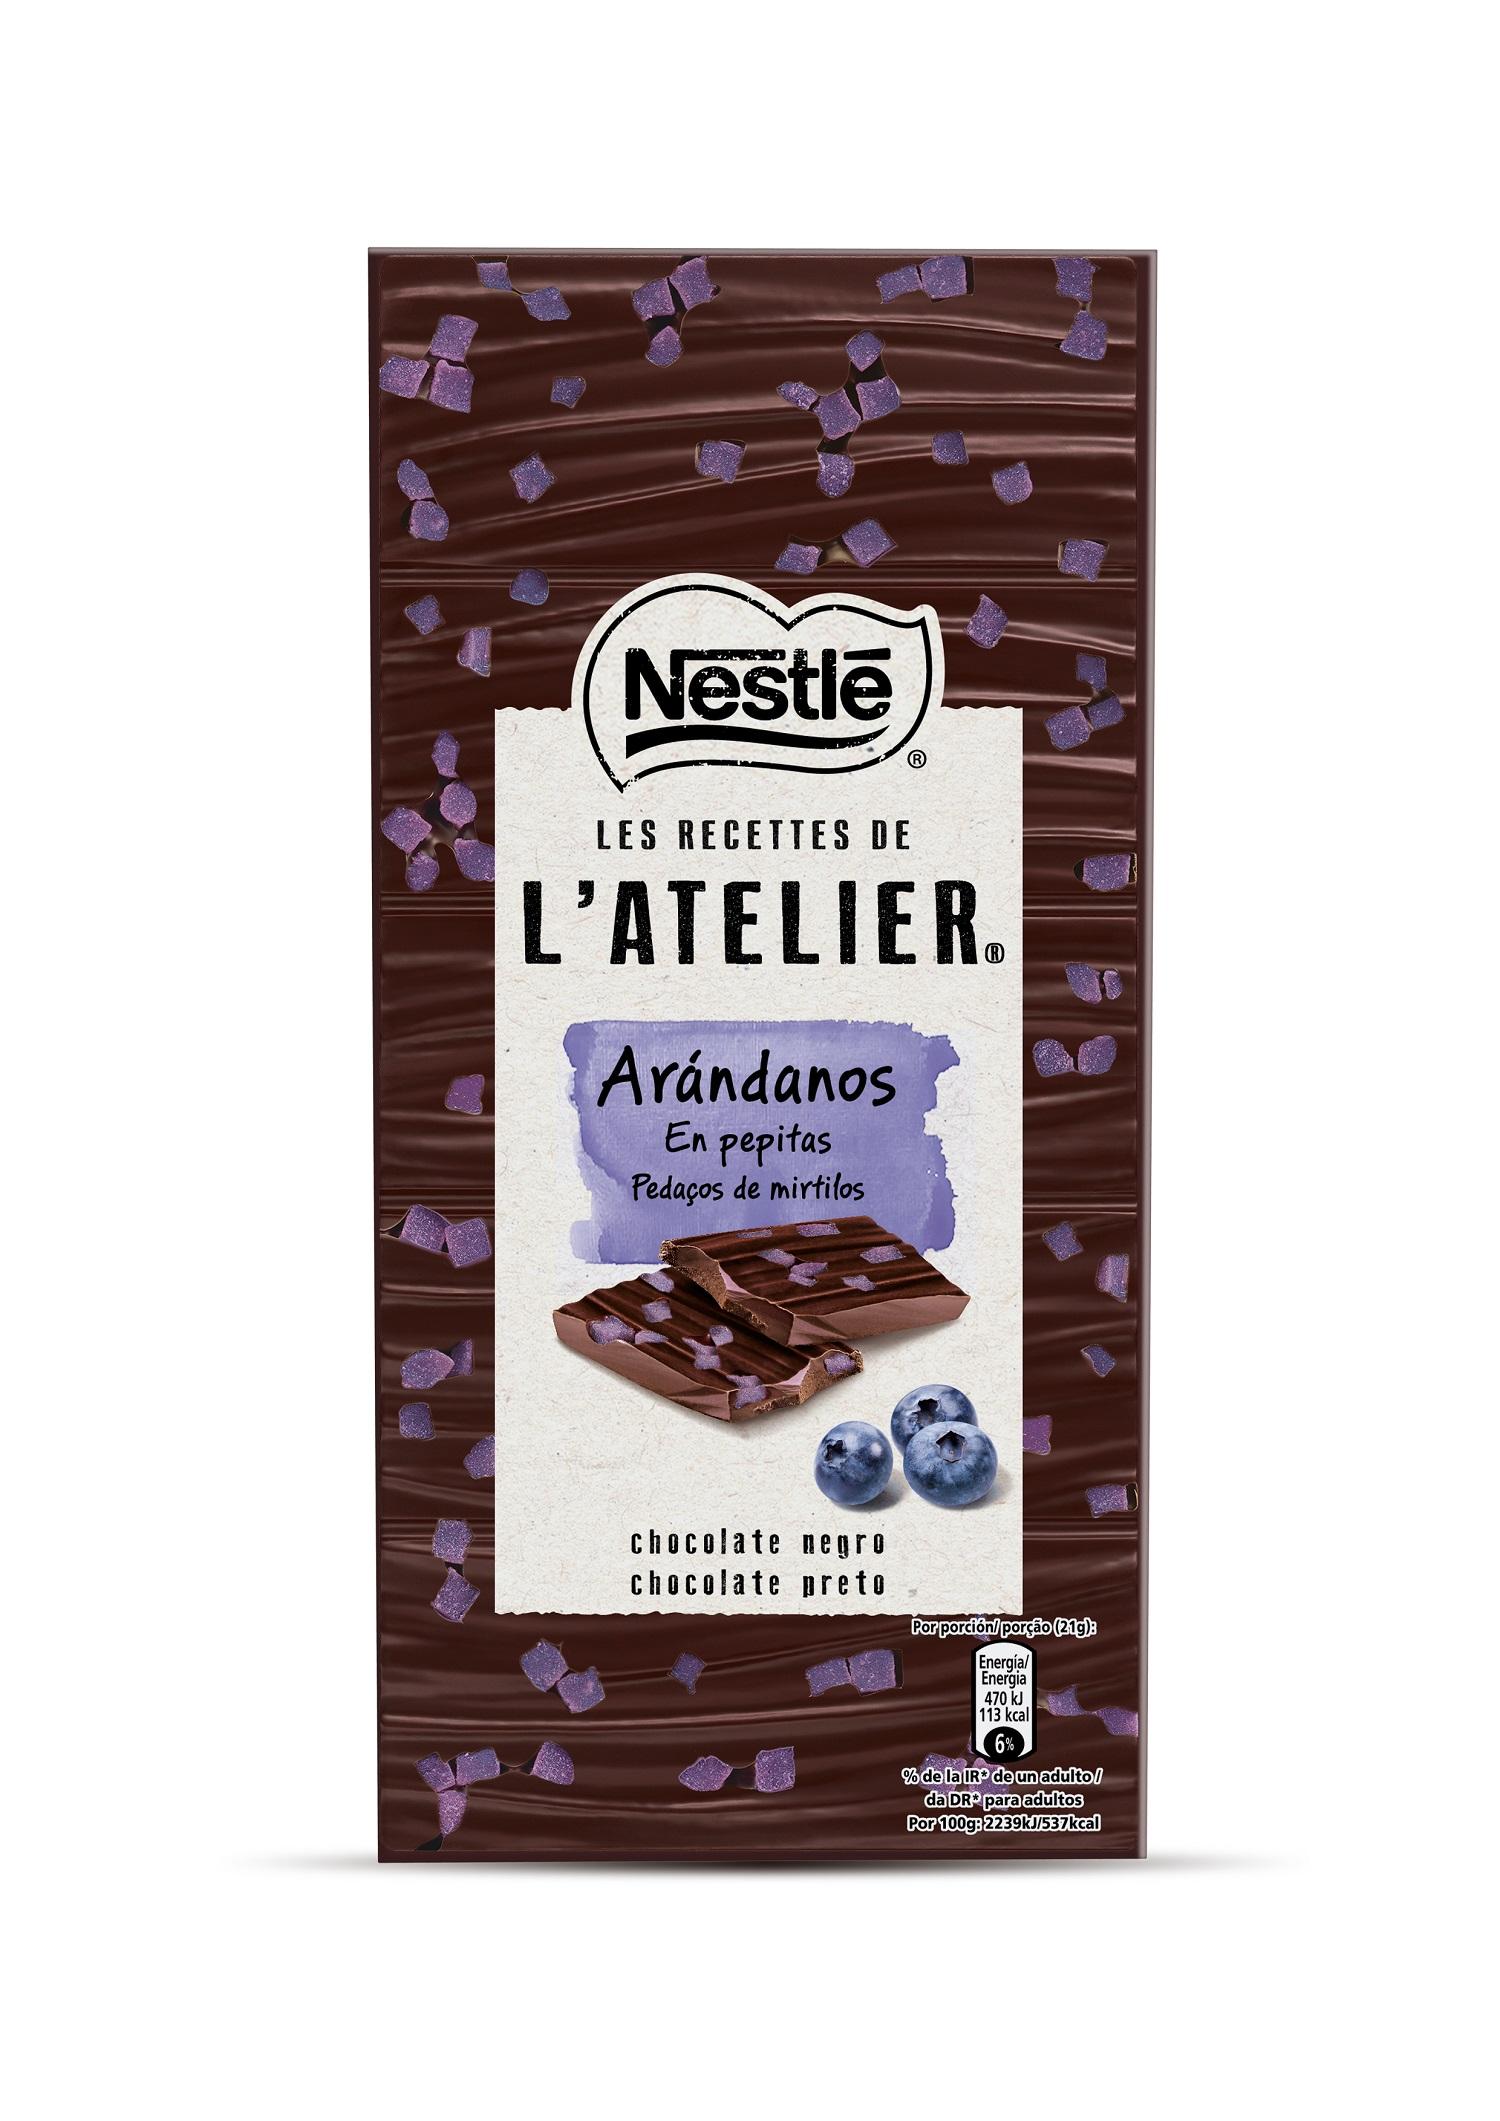 Nestlé amplía la gama L'Alerier con tabletas de arándanos y raw